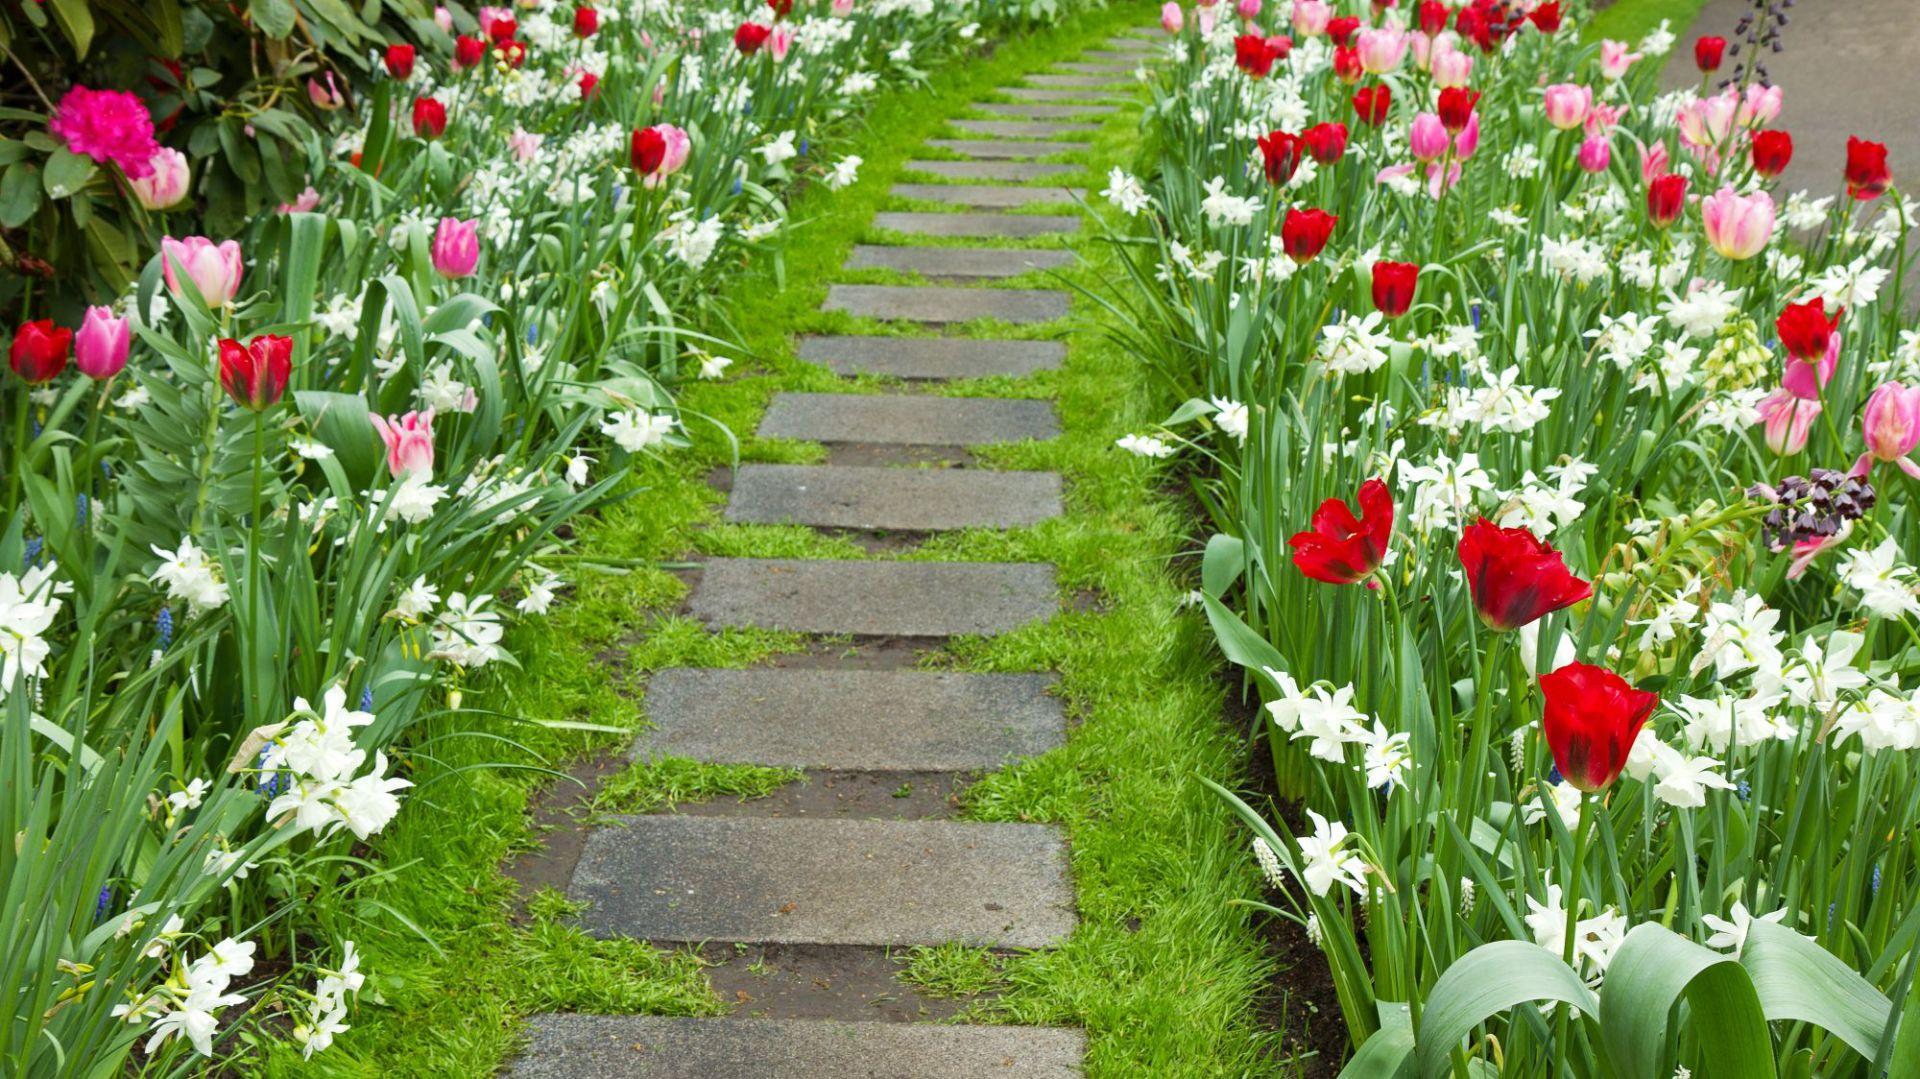 Wiosenne prace ogrodowe. Fot. Shutterstock